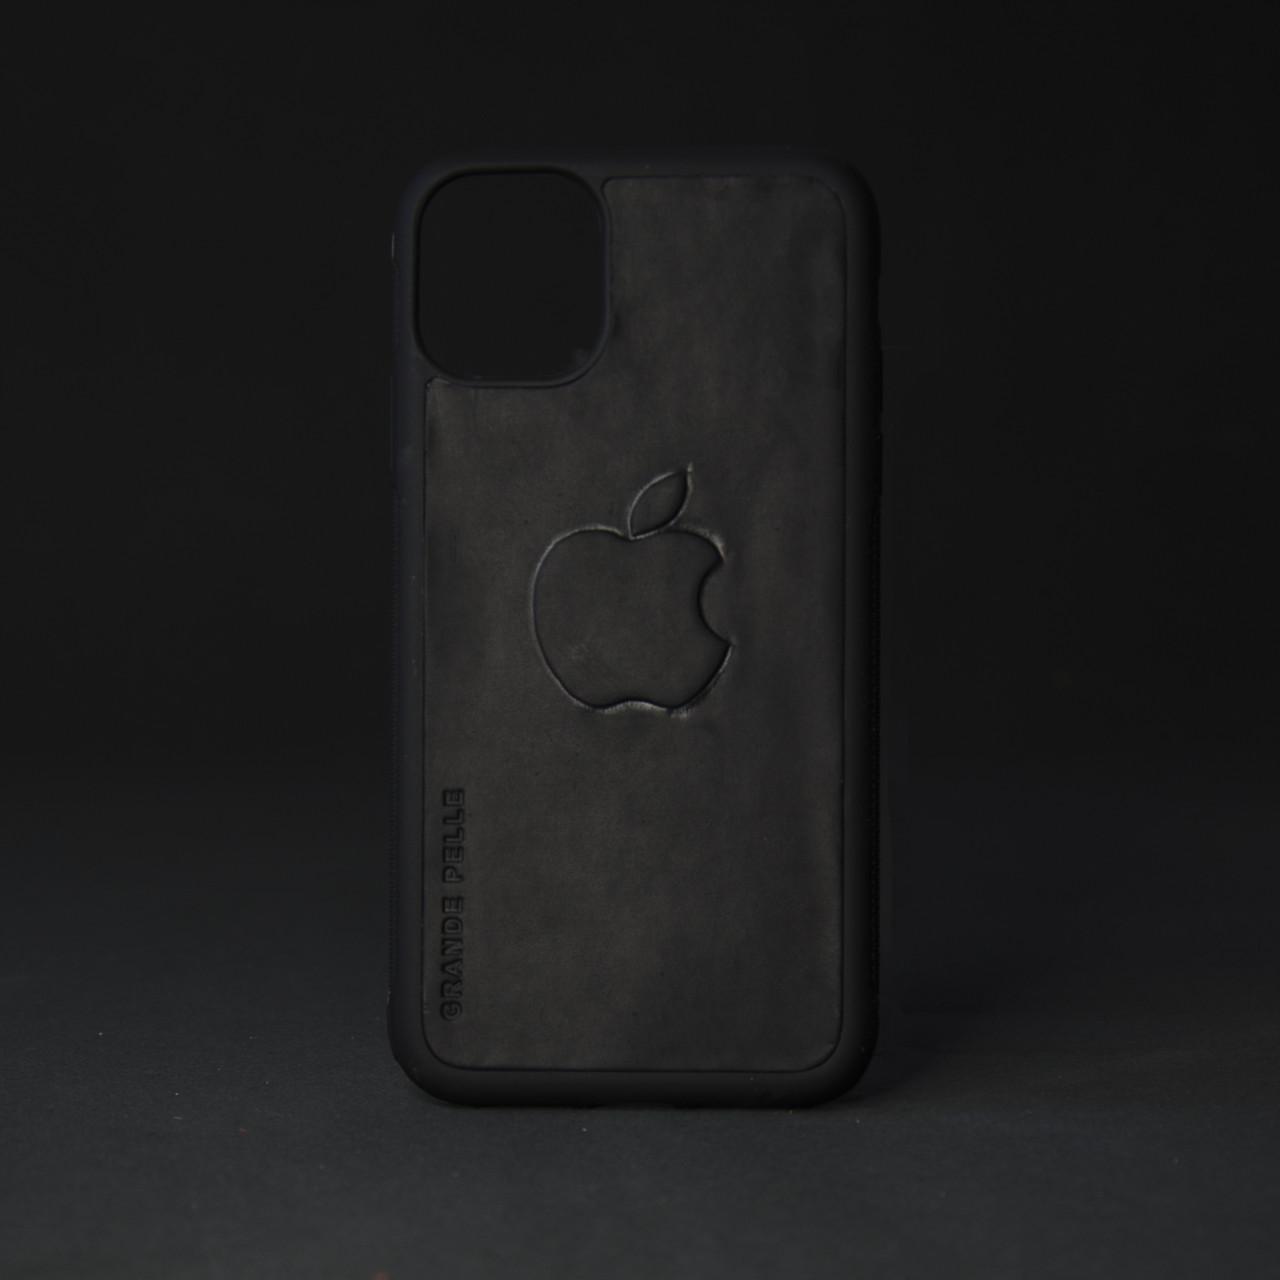 Кейс для IPhone, чорний, матовий з металевою вставкою для автотримача